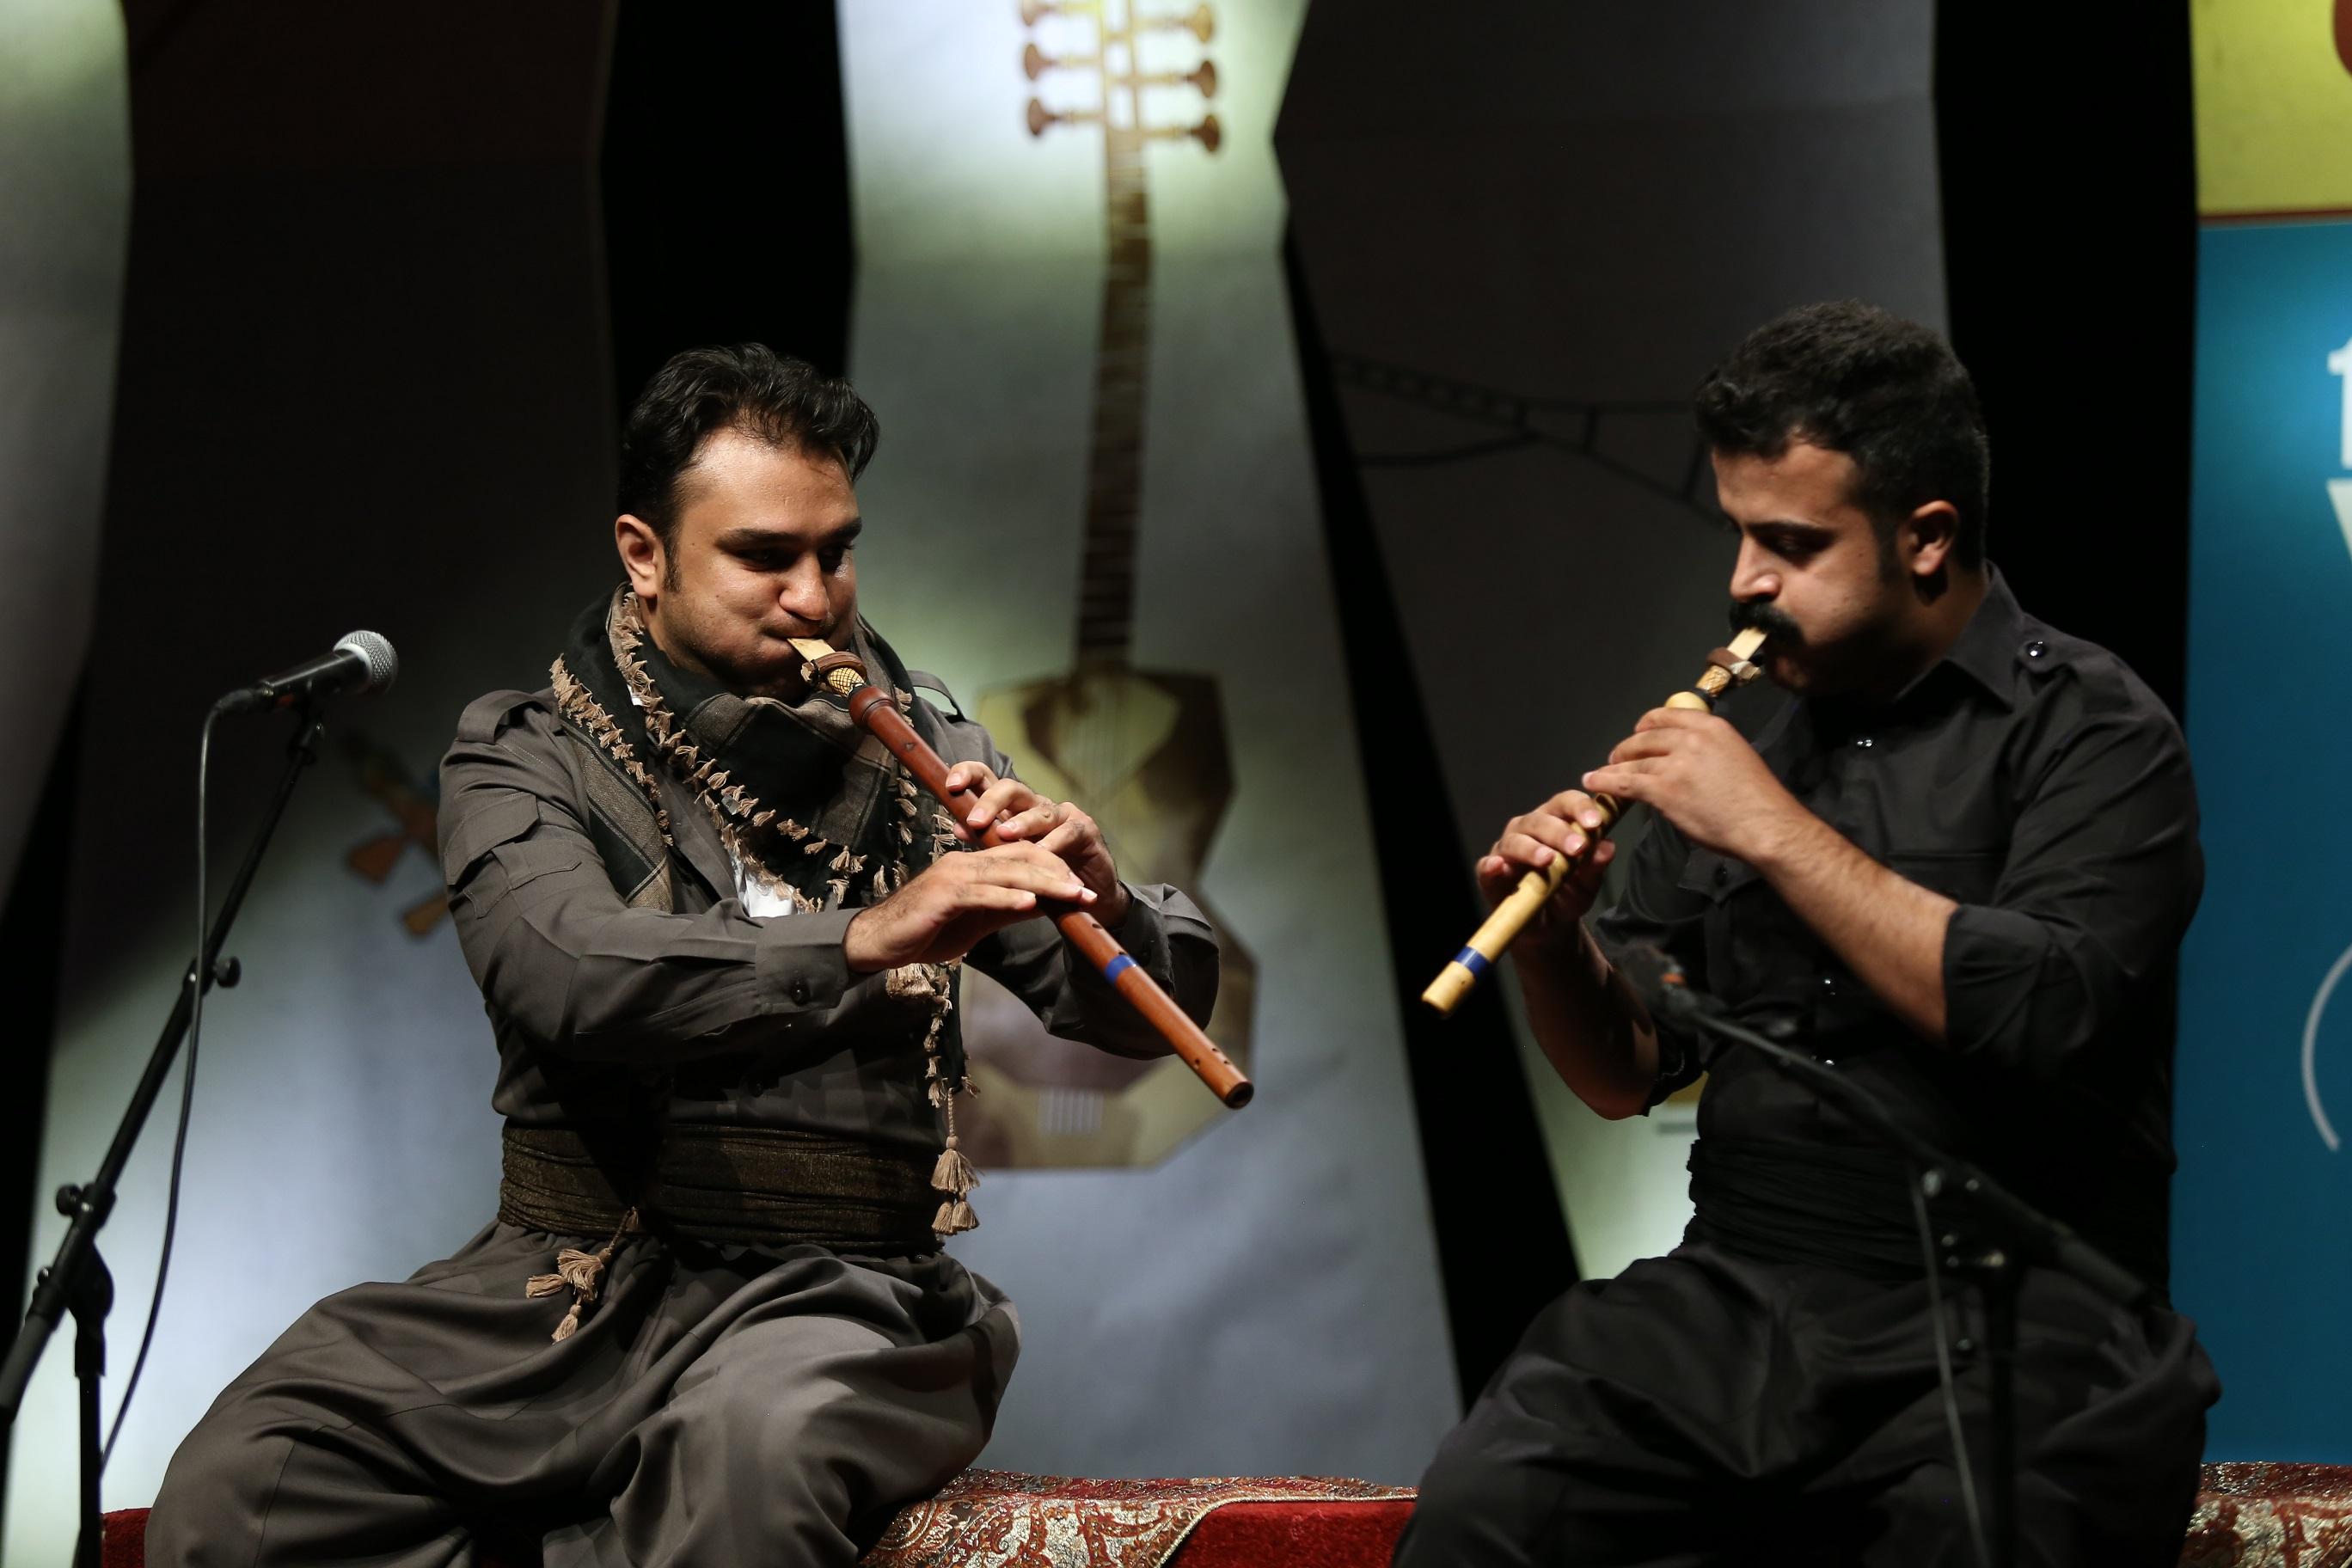 چهارمین روز جشنوارهی موسیقی جوان به کار خود پایان داد